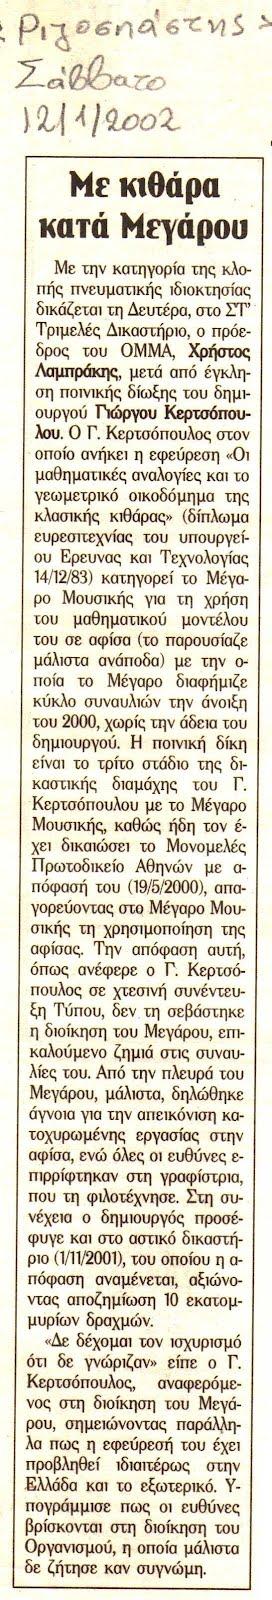 Kertsopoulos-concerning megaron trial